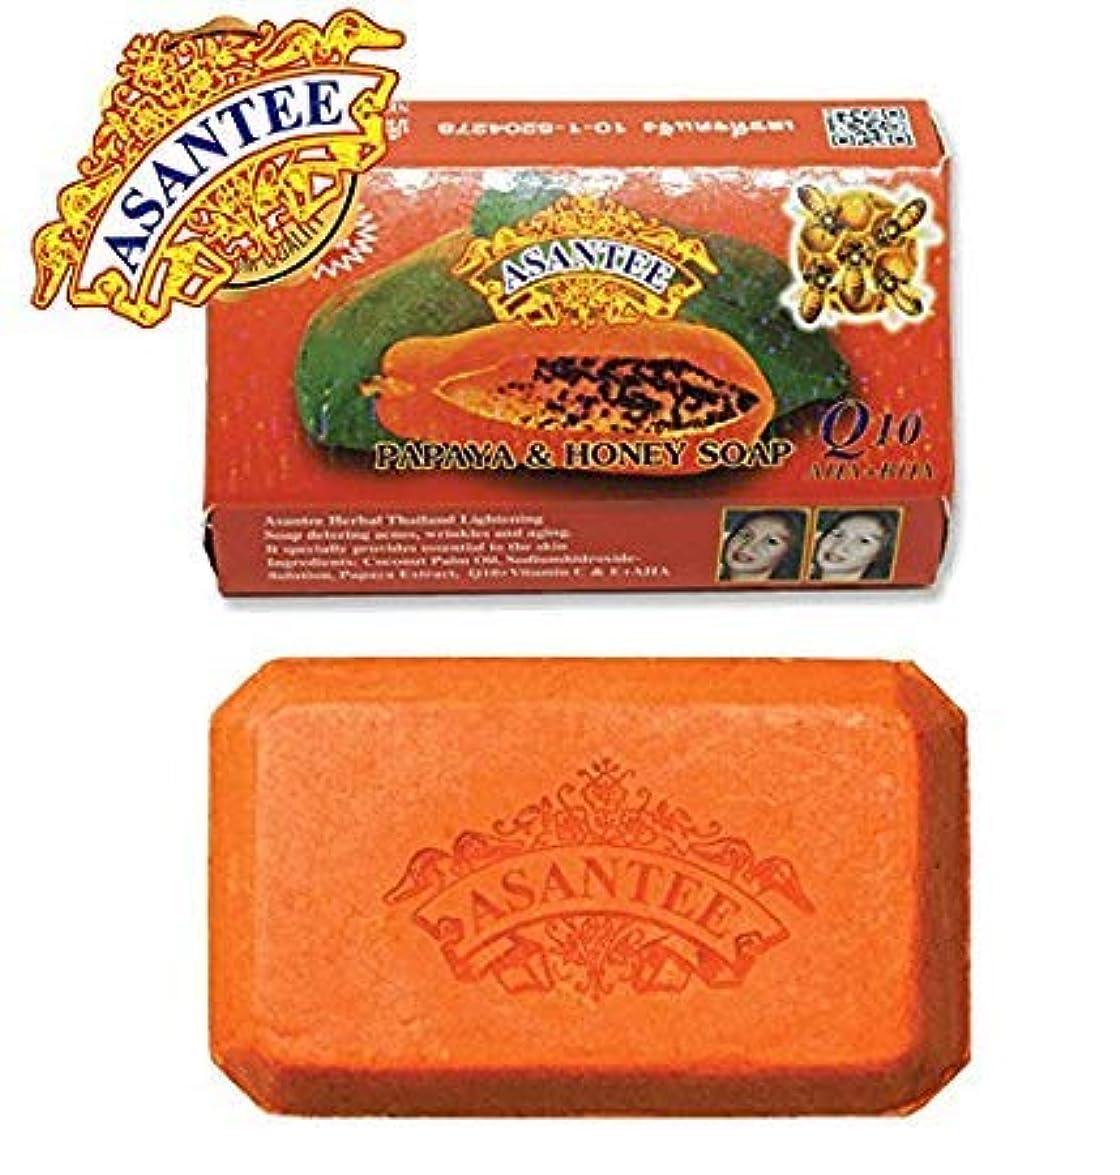 なので物足りない比率Asantee Thai Papaya Herbal Skin Whitening Soap 135g (1 pcs)